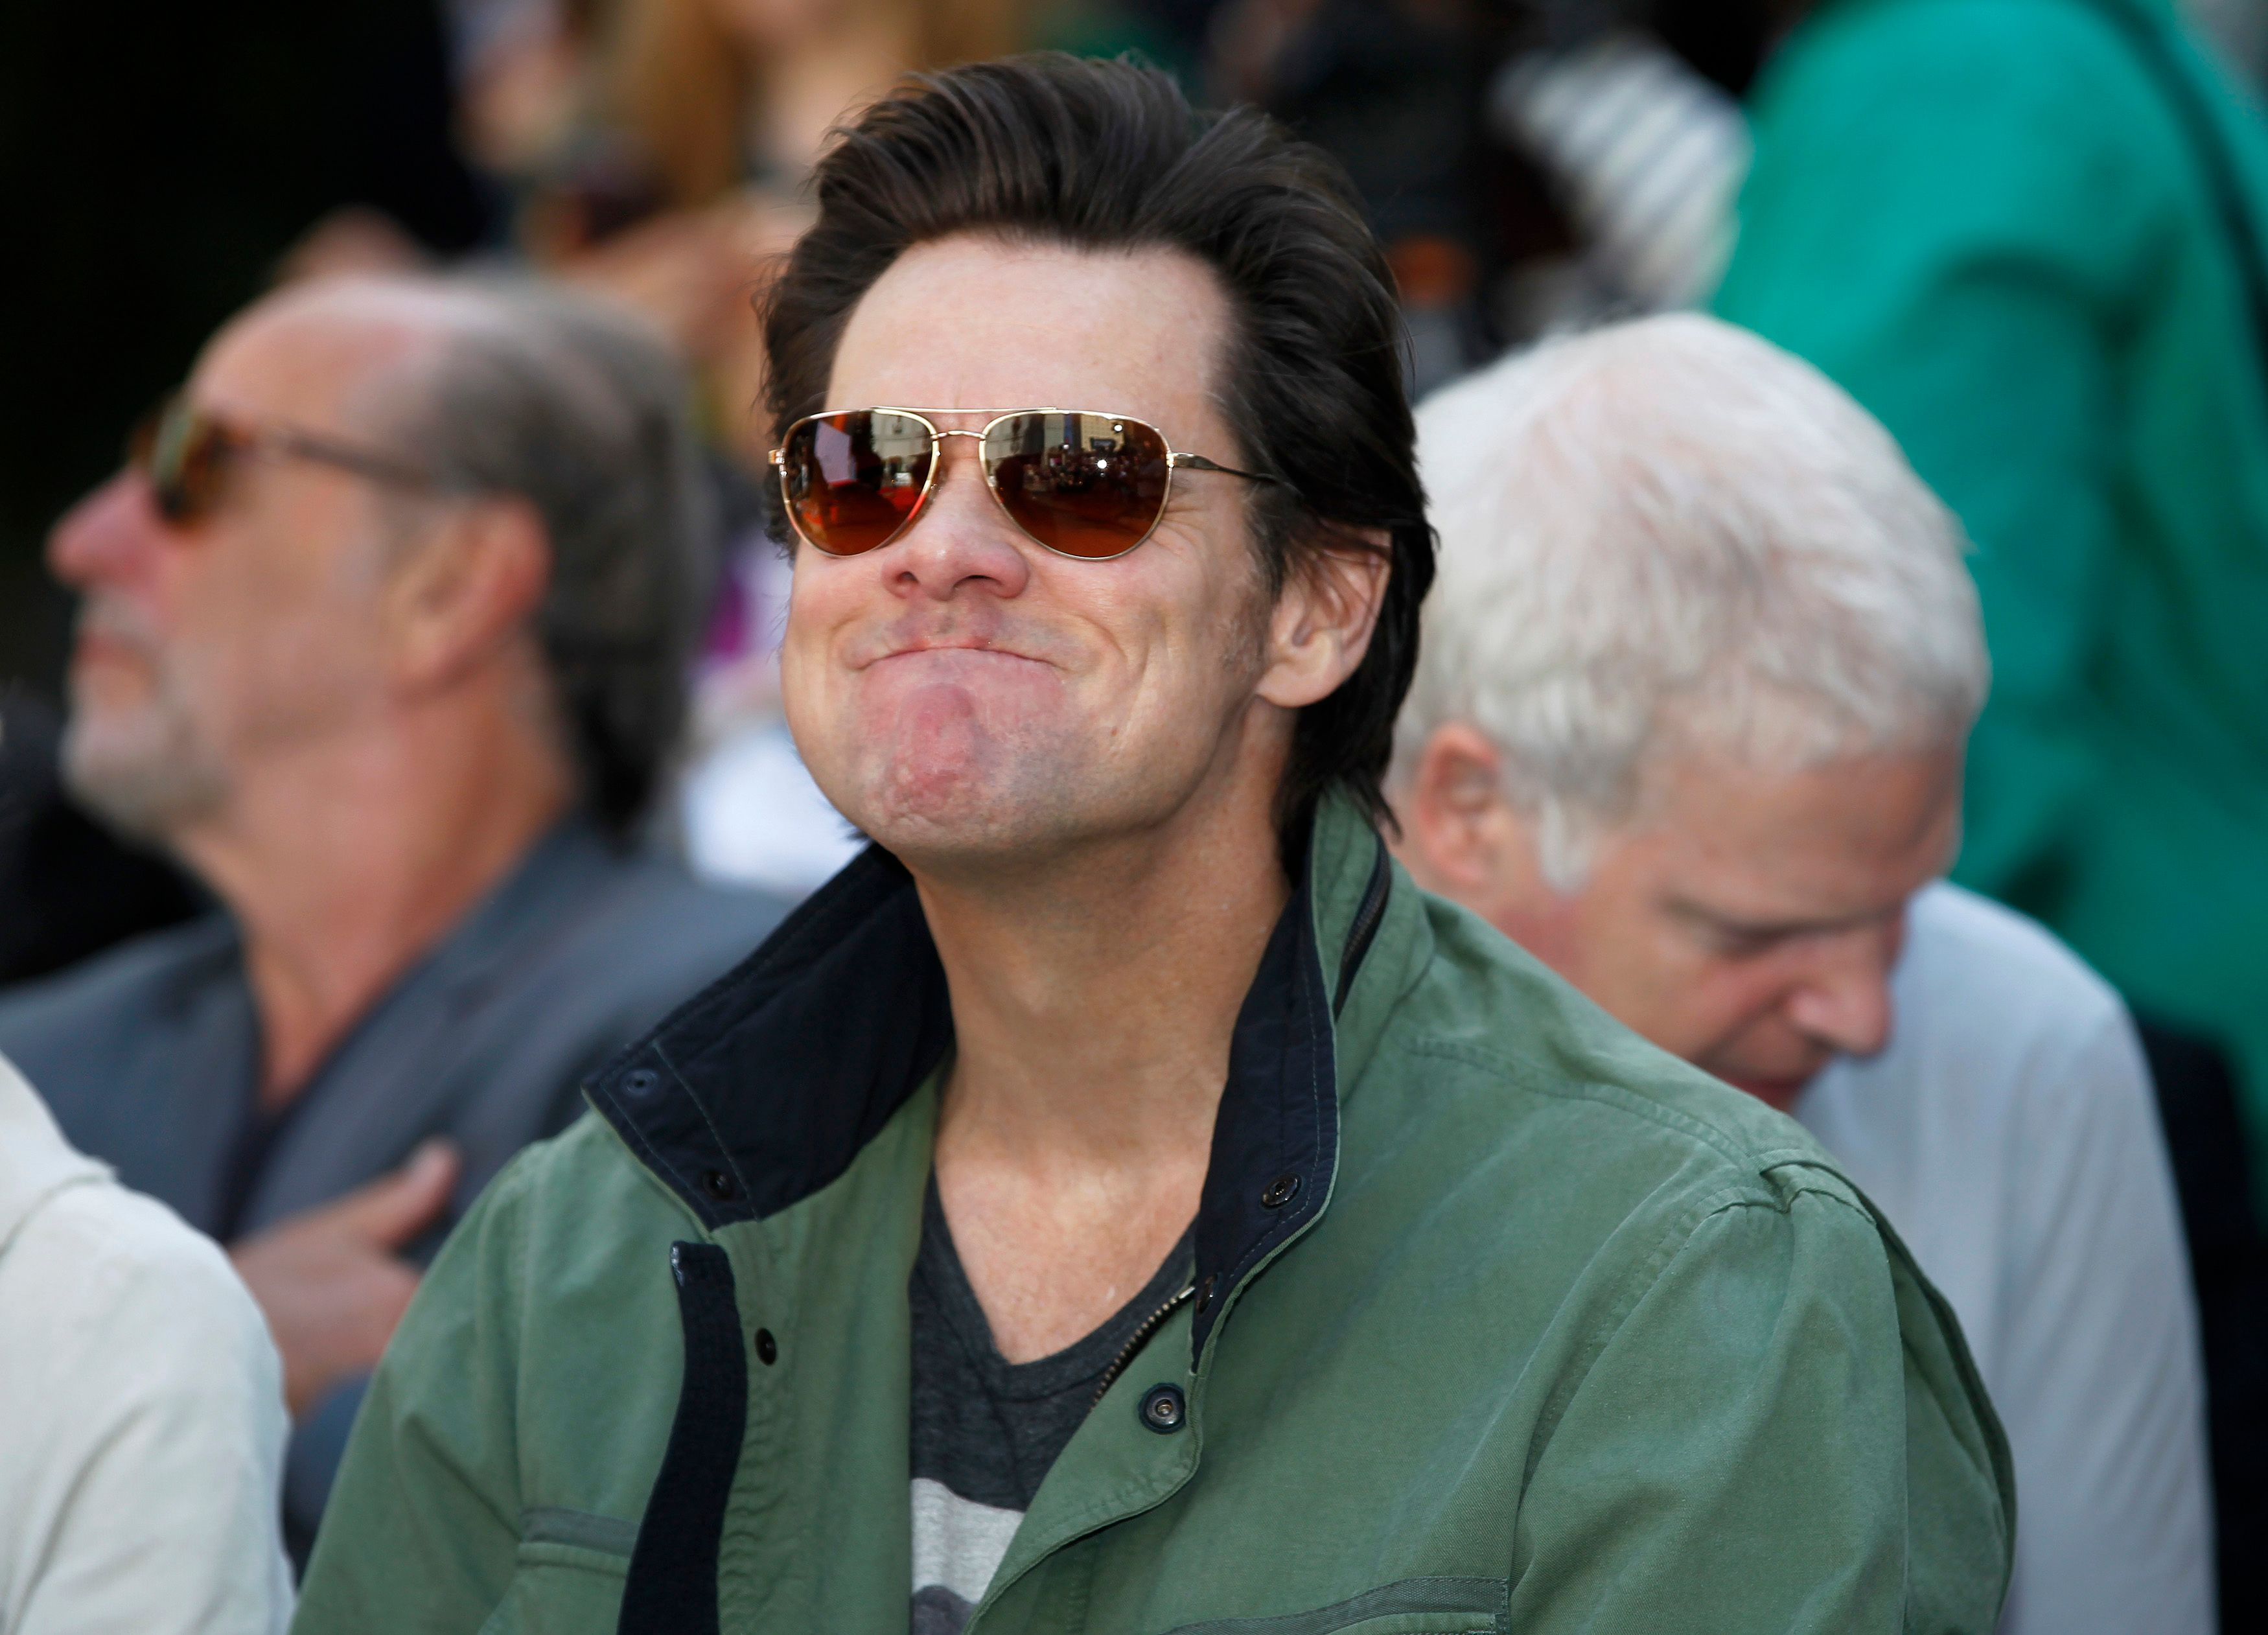 Jim Carrey accusé d'avoir fourni les médicaments qui ont entraîné l'overdose de son ex-amie